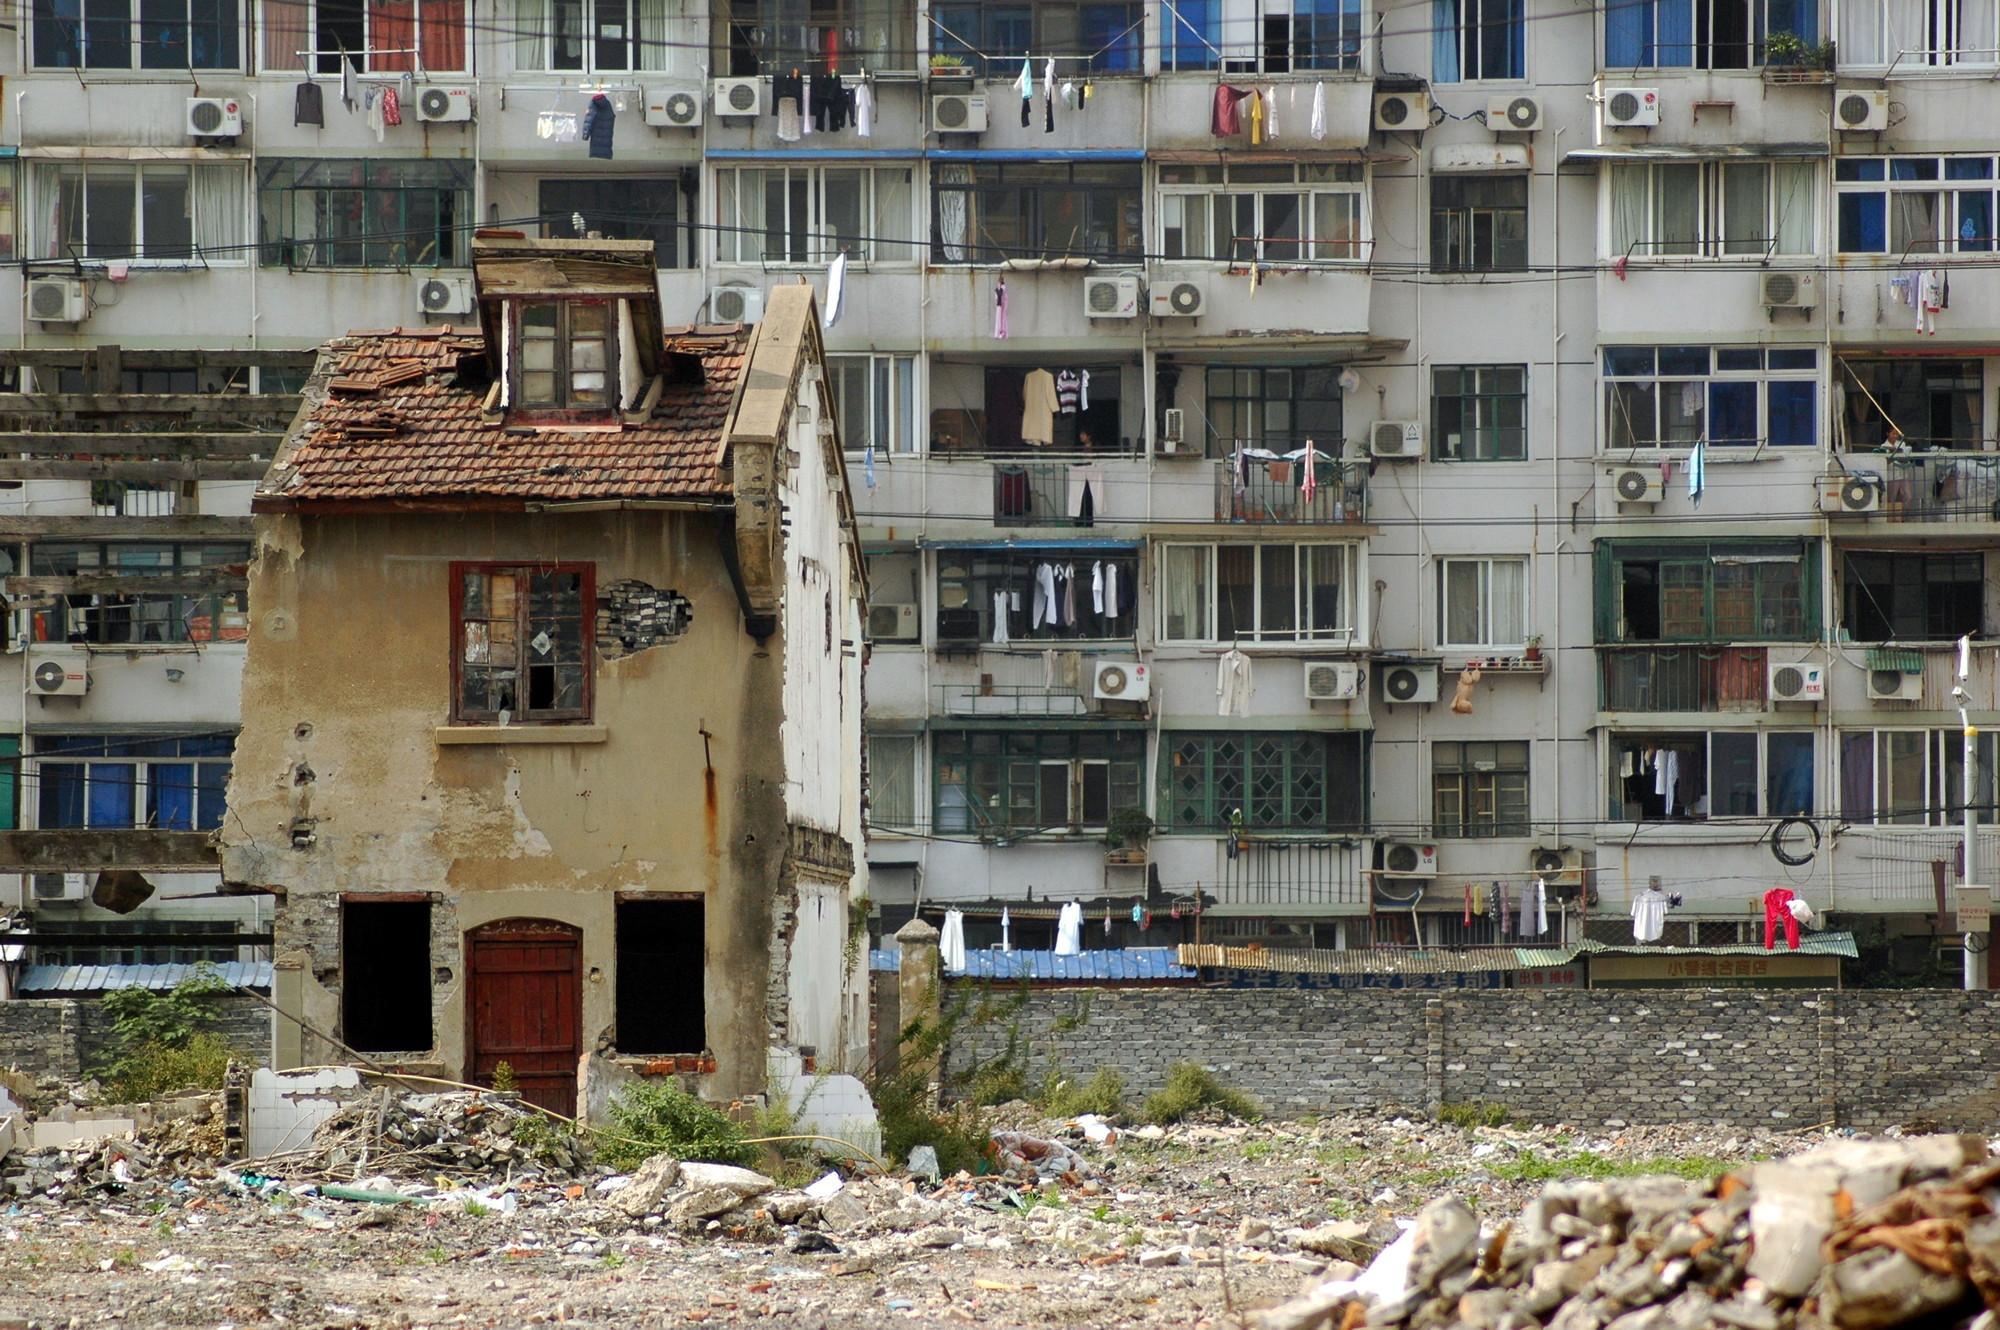 Casa prego: a resistência chinesa frente à expulsão imobiliária, Xangai. Imagem © triplefivedrew (Flickr)